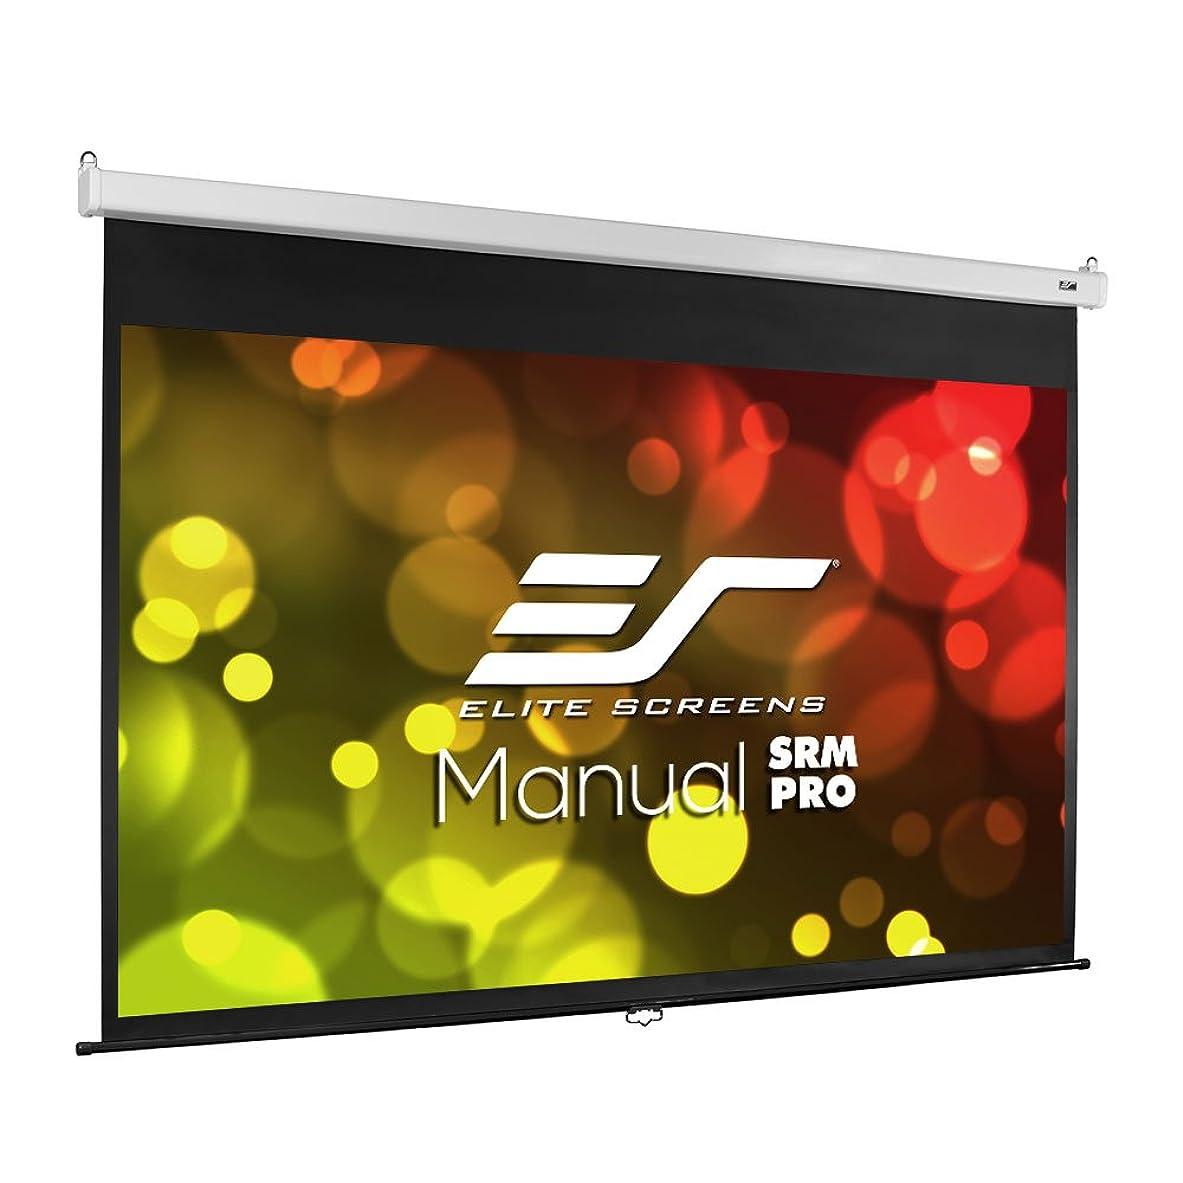 印象的移住するエリートスクリーン プロジェクタースクリーン マニュアルSRM Pro 100インチ(16:9) マックスホワイトFG素材 ホワイトケース M100HSR-Pro